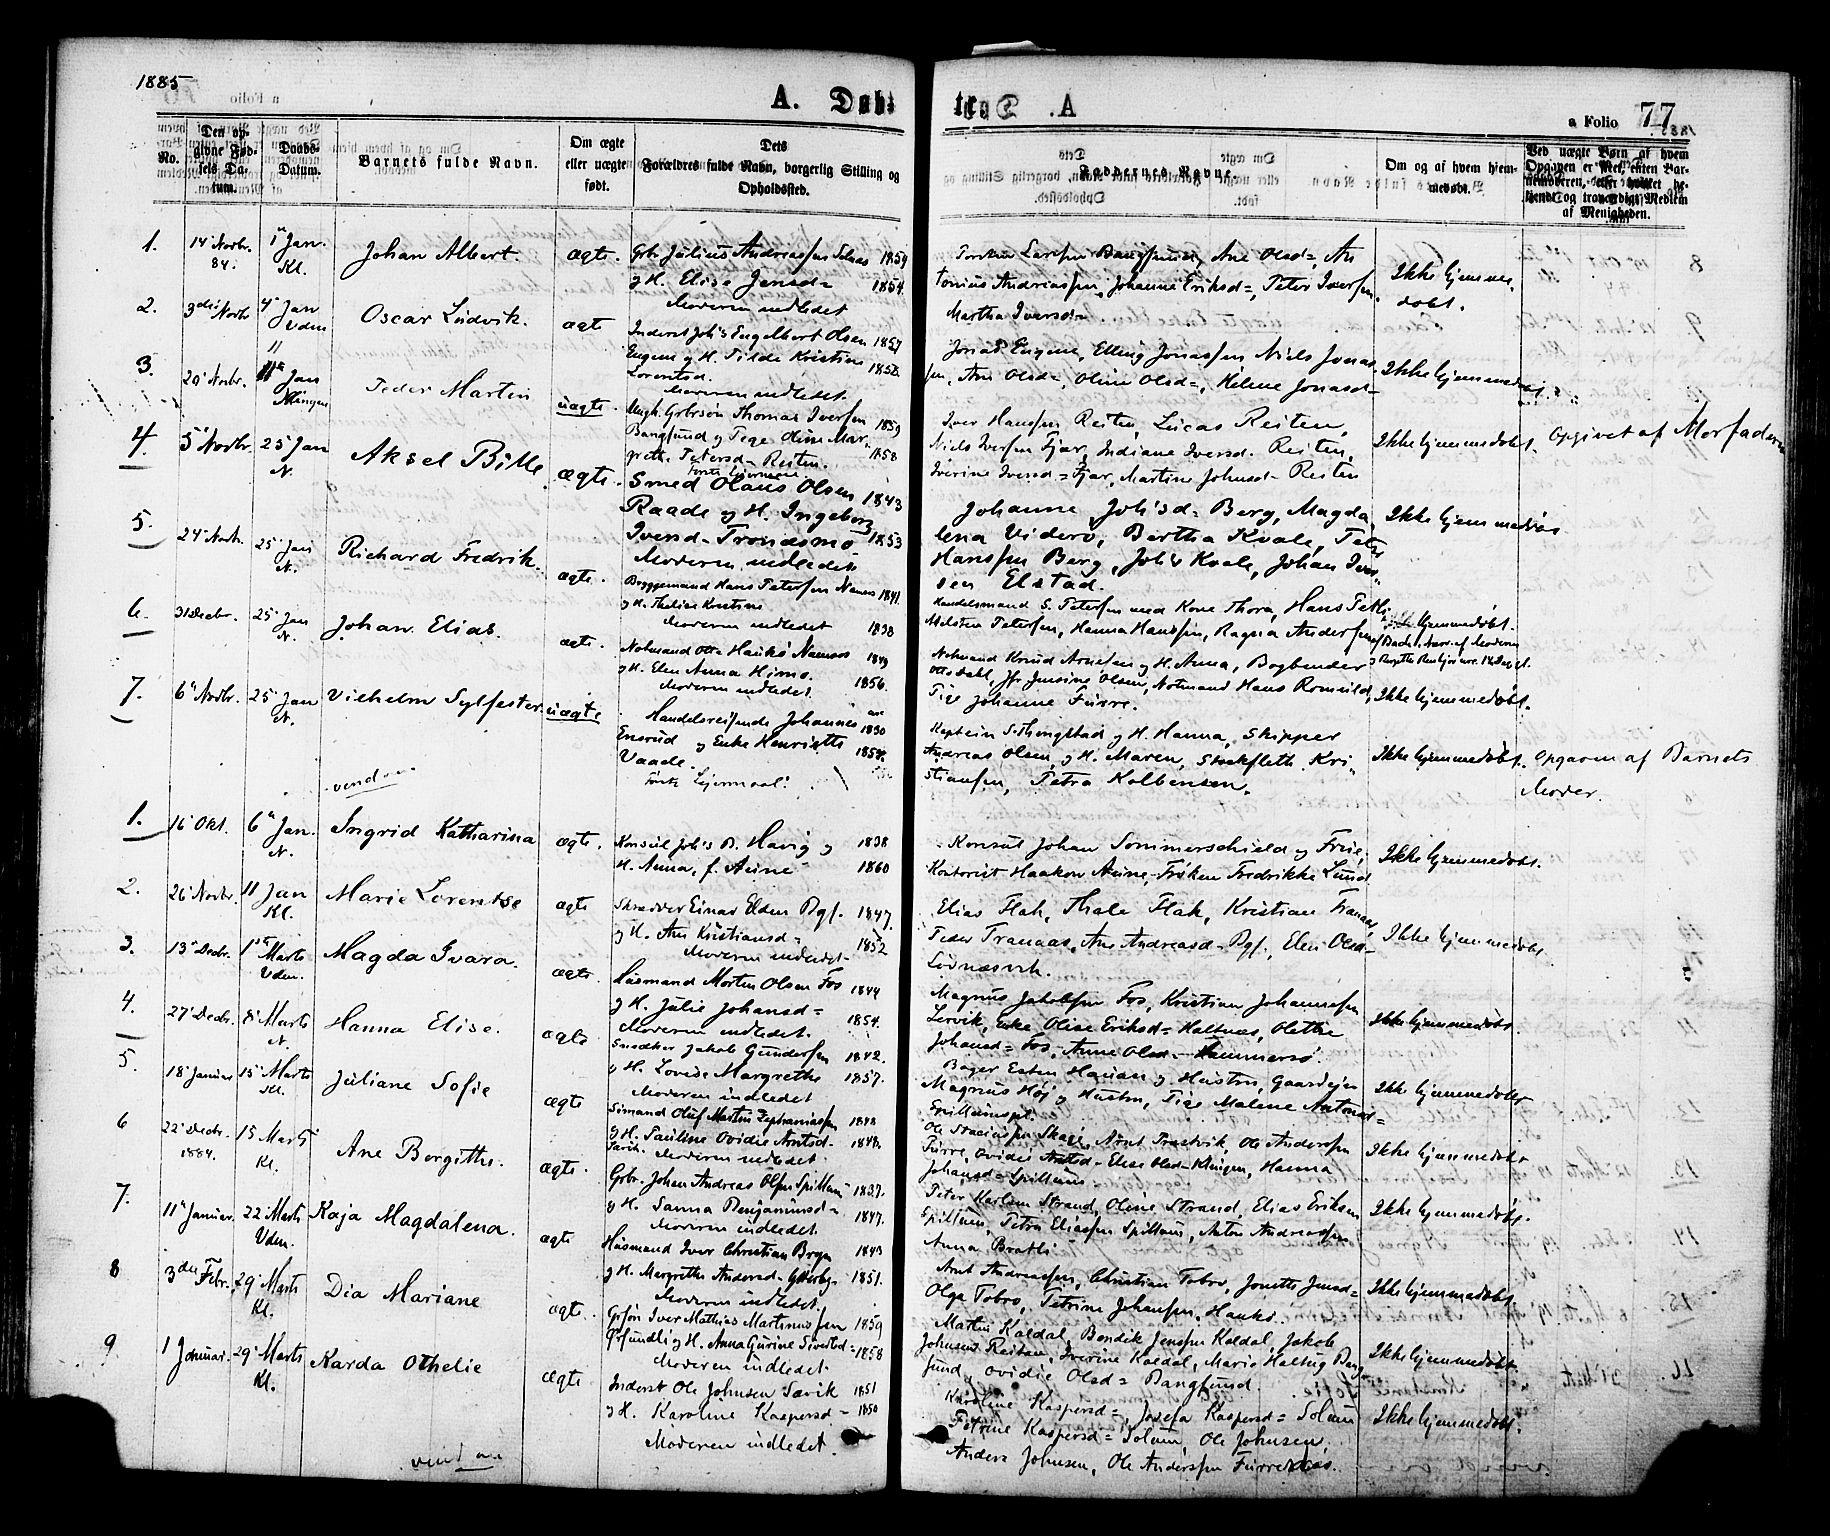 SAT, Ministerialprotokoller, klokkerbøker og fødselsregistre - Nord-Trøndelag, 768/L0572: Ministerialbok nr. 768A07, 1874-1886, s. 77